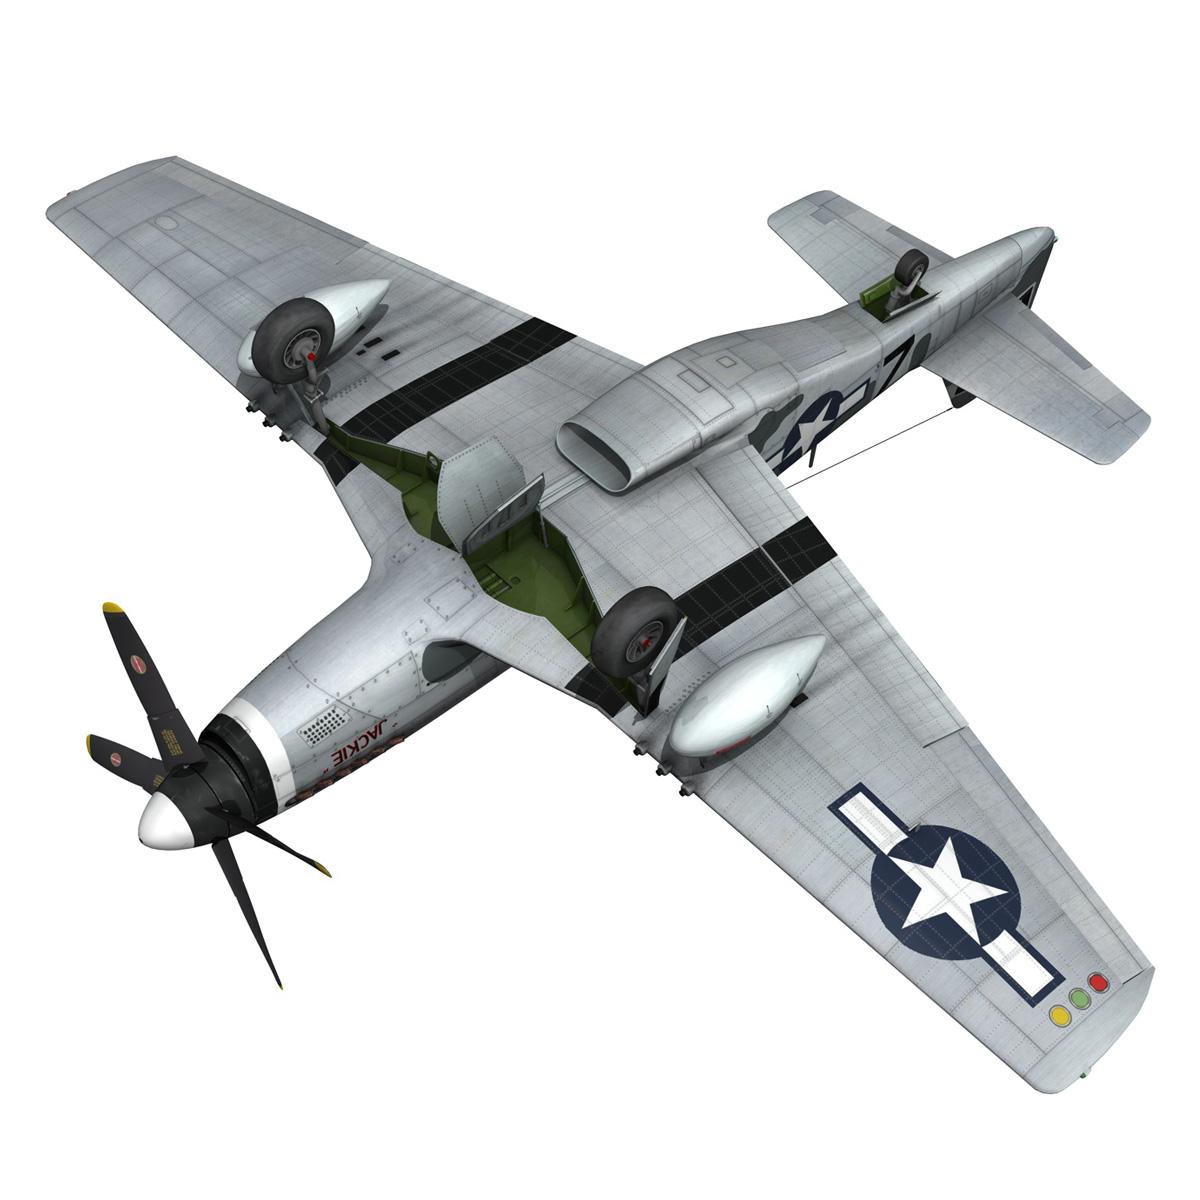 north american p-51d mustang – glengary guy 3d model fbx c4d lwo obj 267531